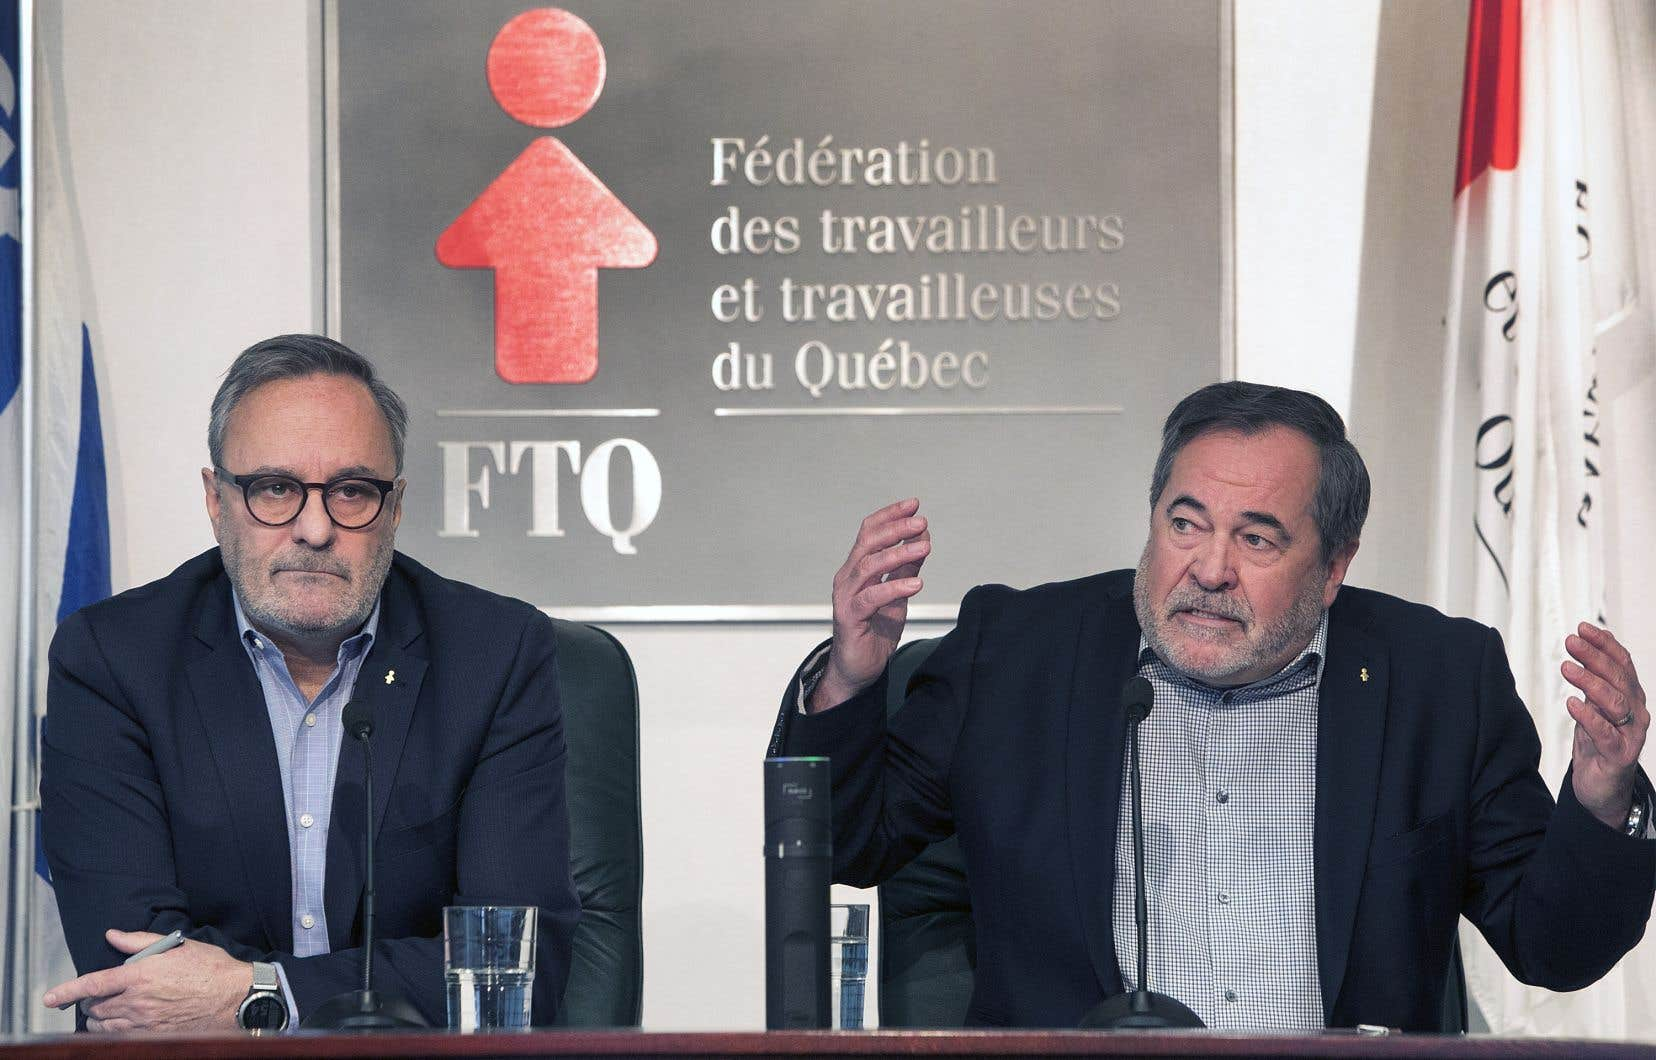 Le présidentde la FTQ, Daniel Boyer, et le secrétaire général de la FTQ,Serge Cadieux